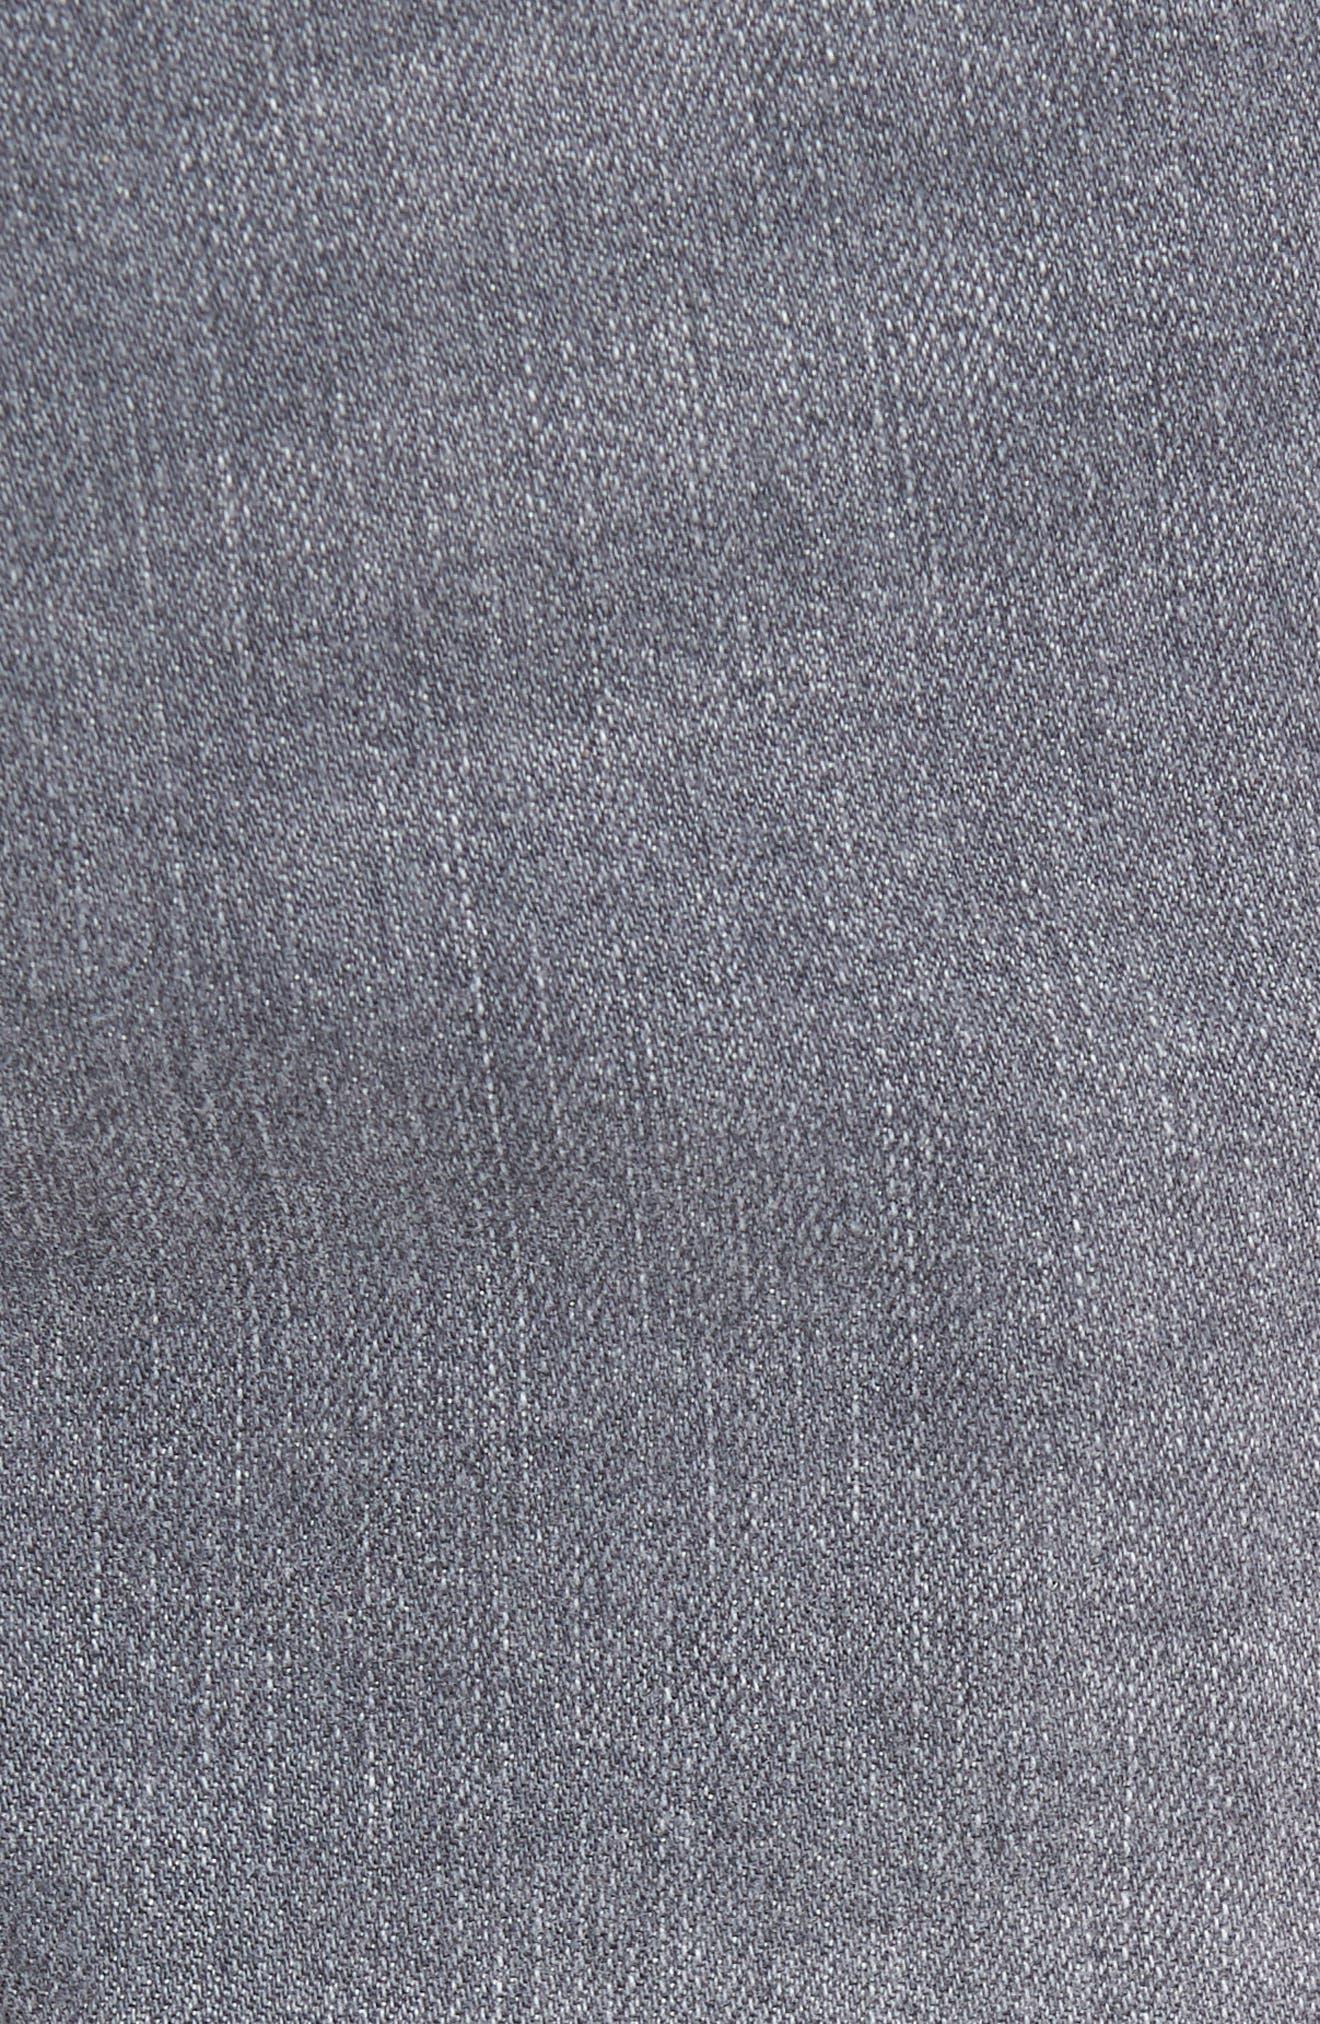 'Vorta' Slim Fit Jeans,                             Alternate thumbnail 26, color,